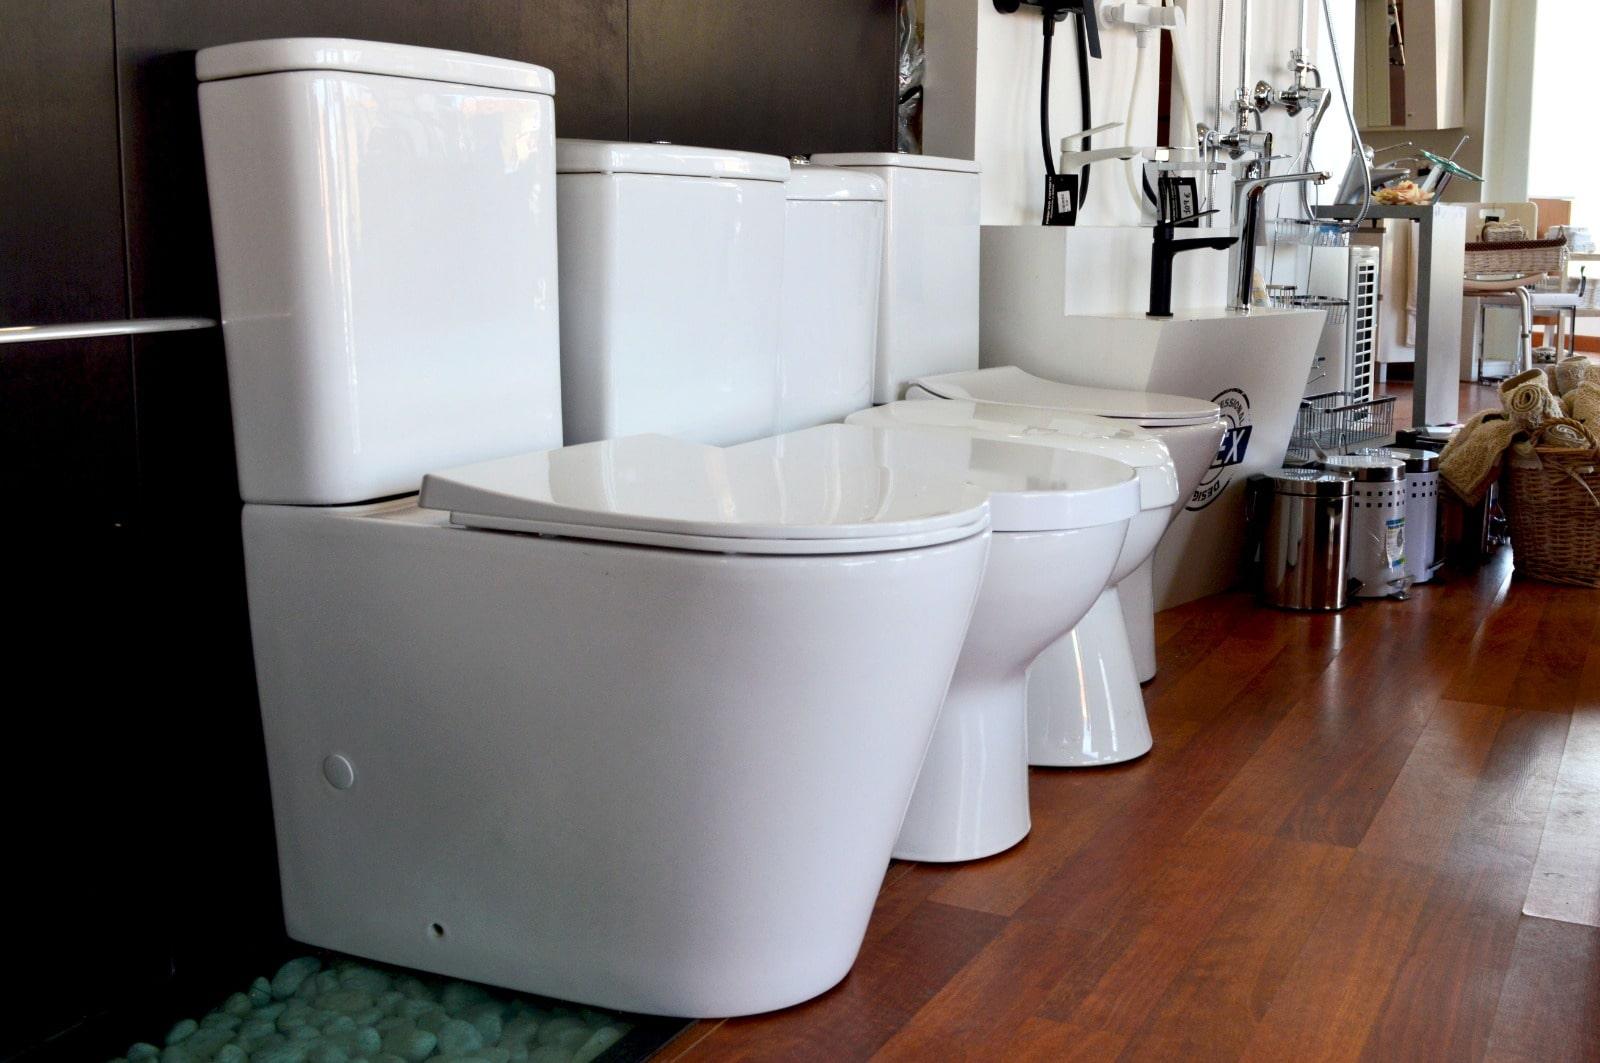 federico romero instalaciones muebles baño wateres